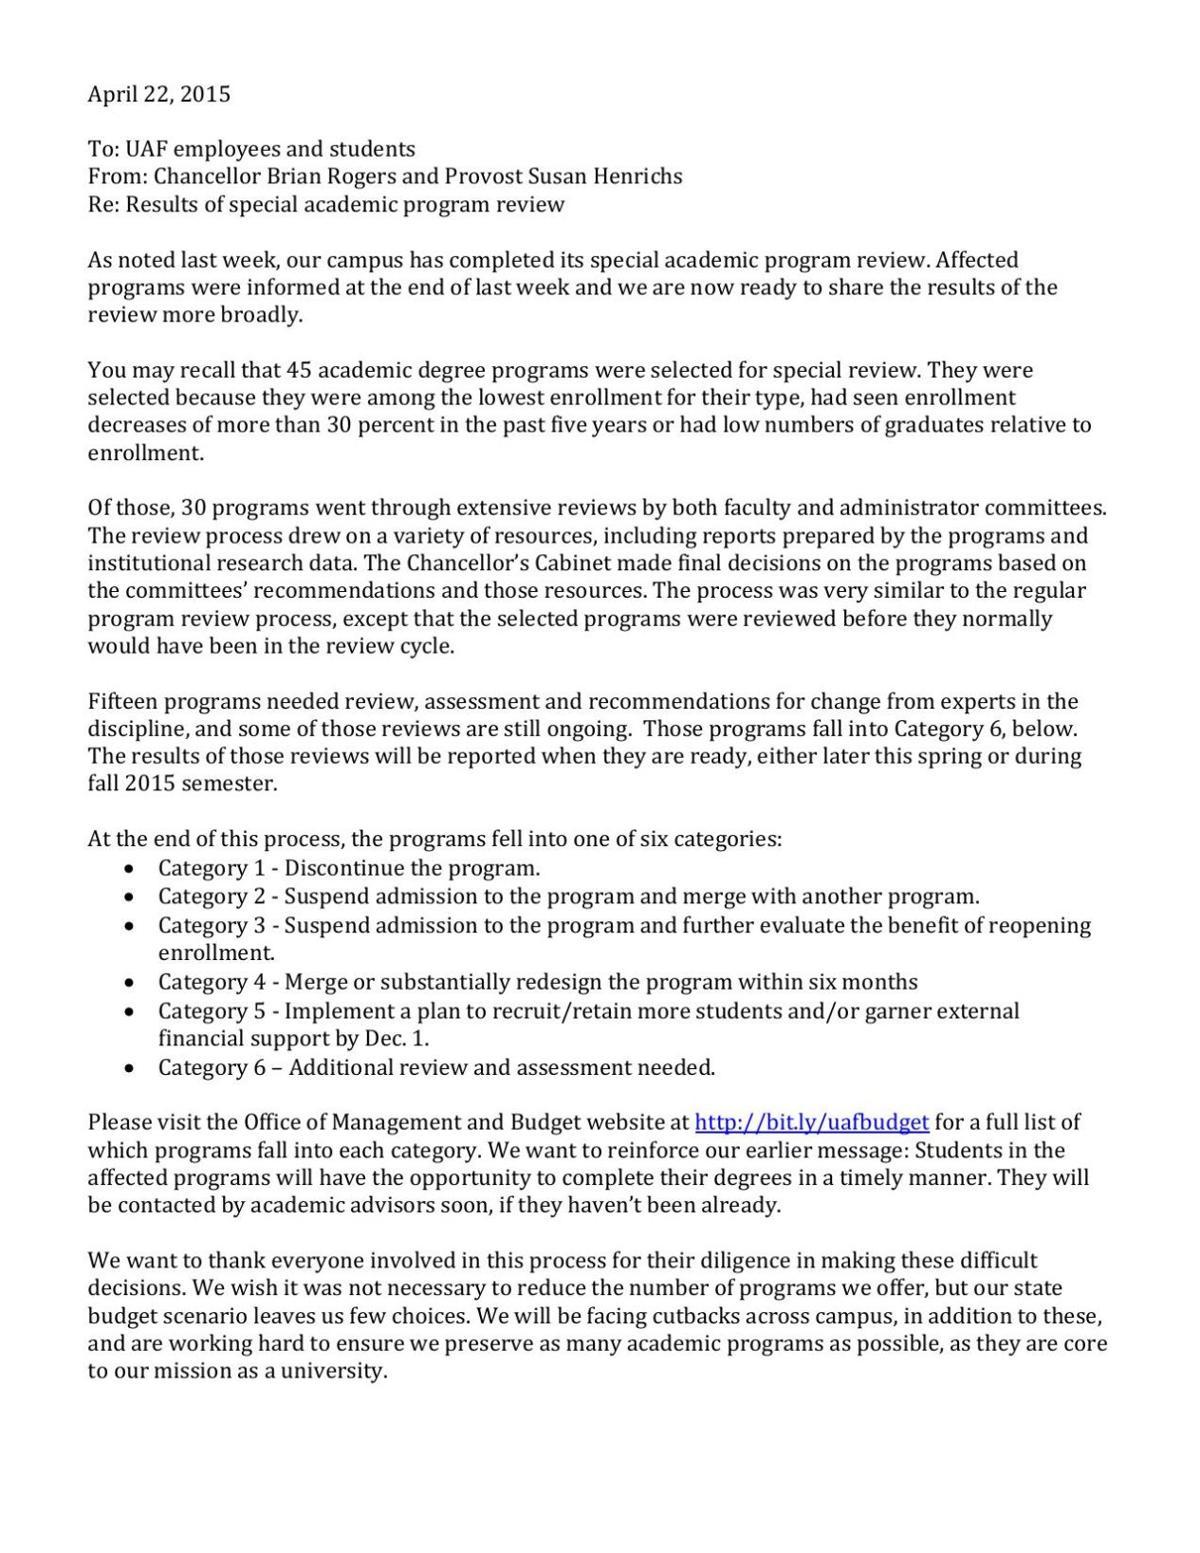 UAF program reduction memo | | newsminer com